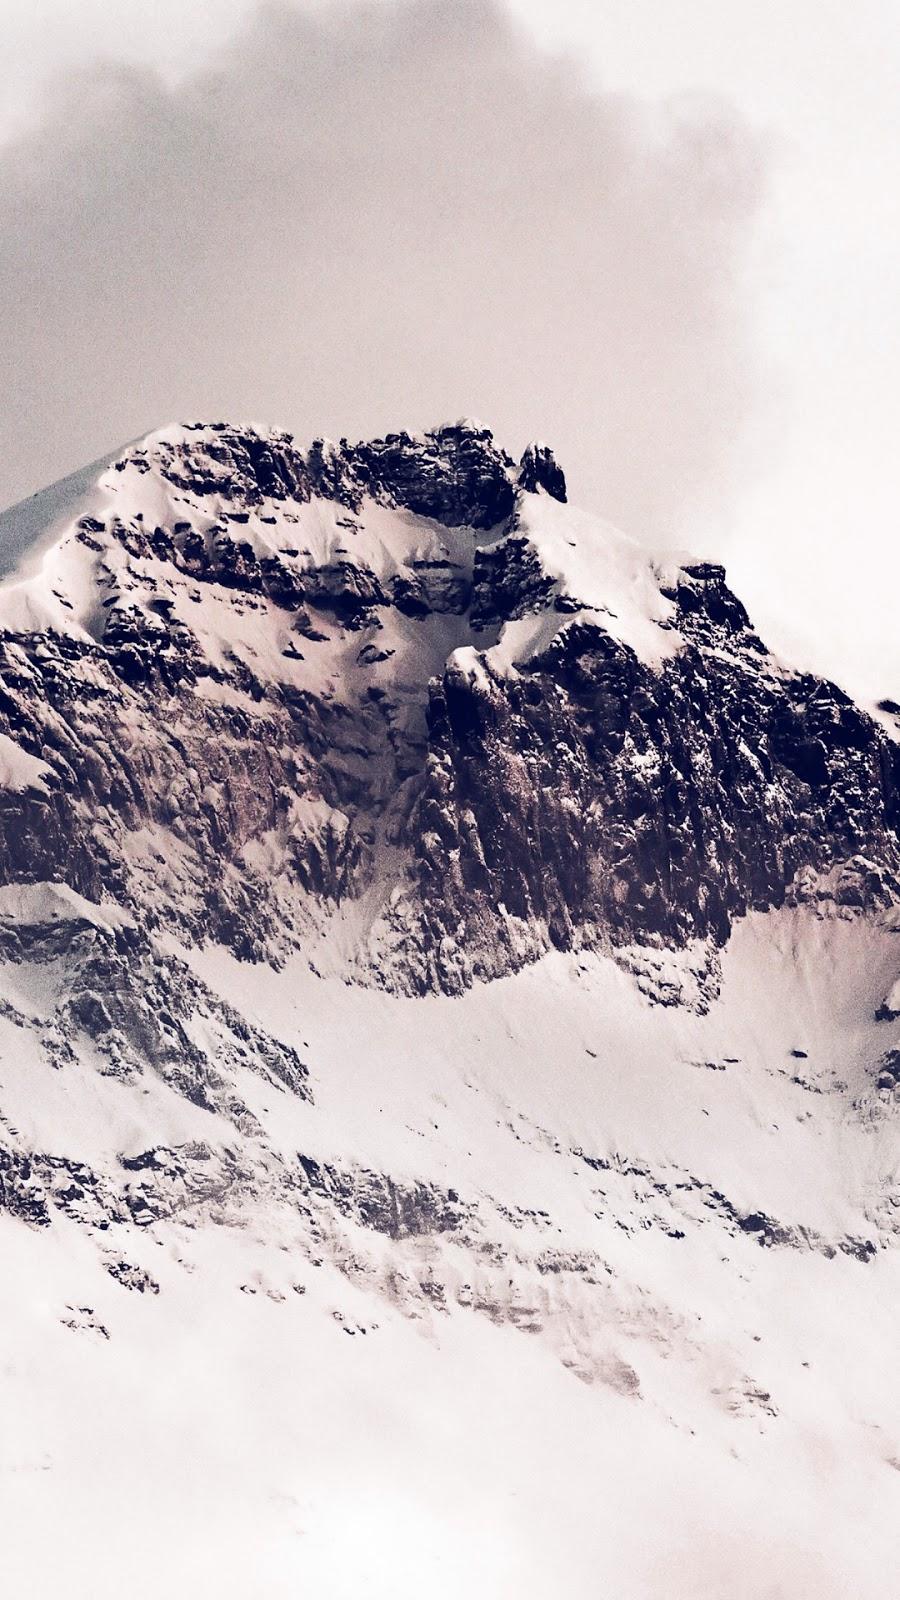 Papel de parede grátis Paisagem Natural Montanhas no Inverno para PC, Notebook, iPhone, Android e Tablet.